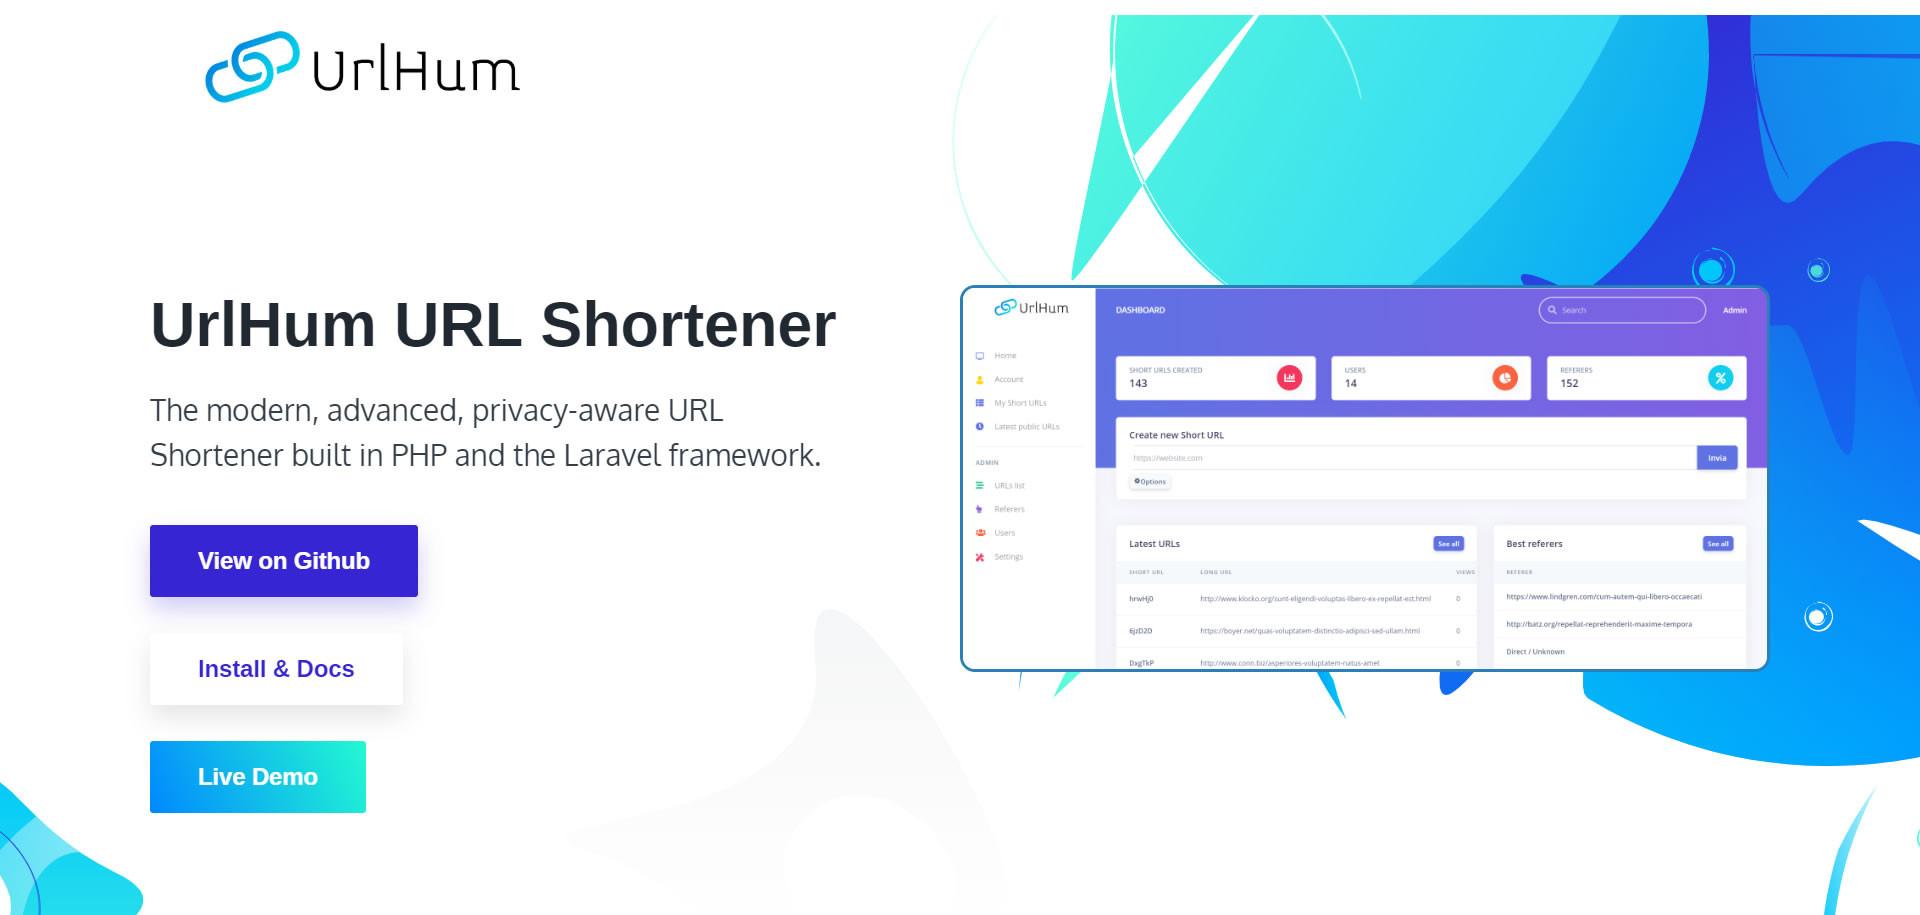 UrlHum URL Shortener